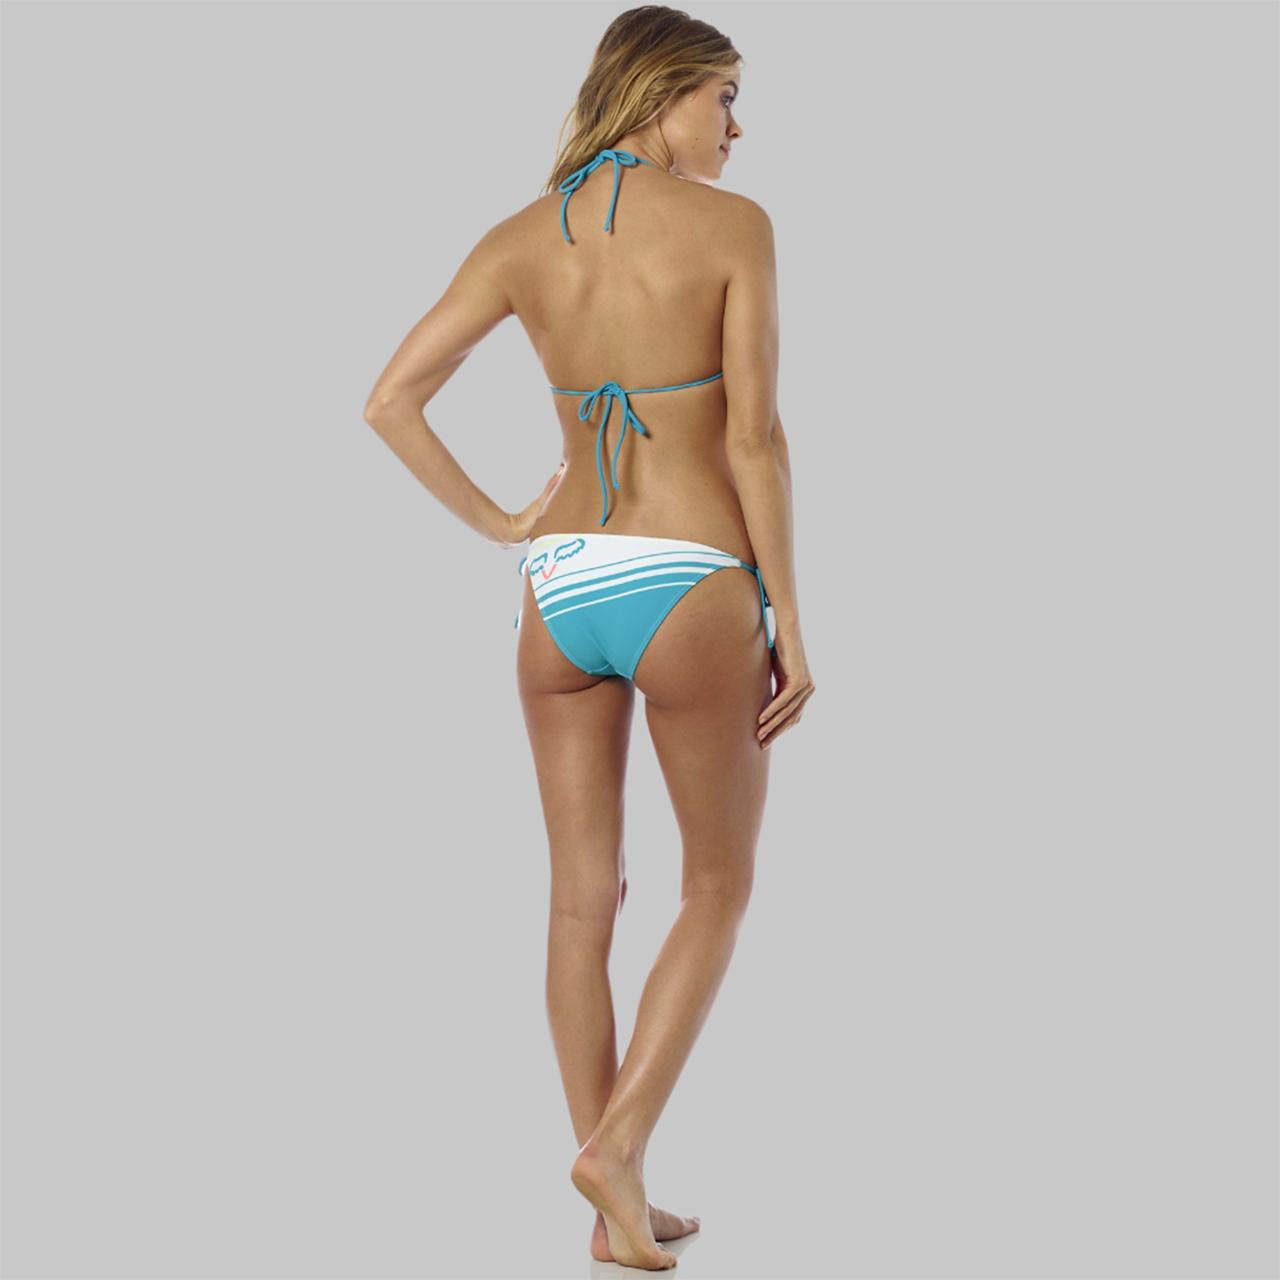 NWT large Fox Racing Creo triangle bikini top